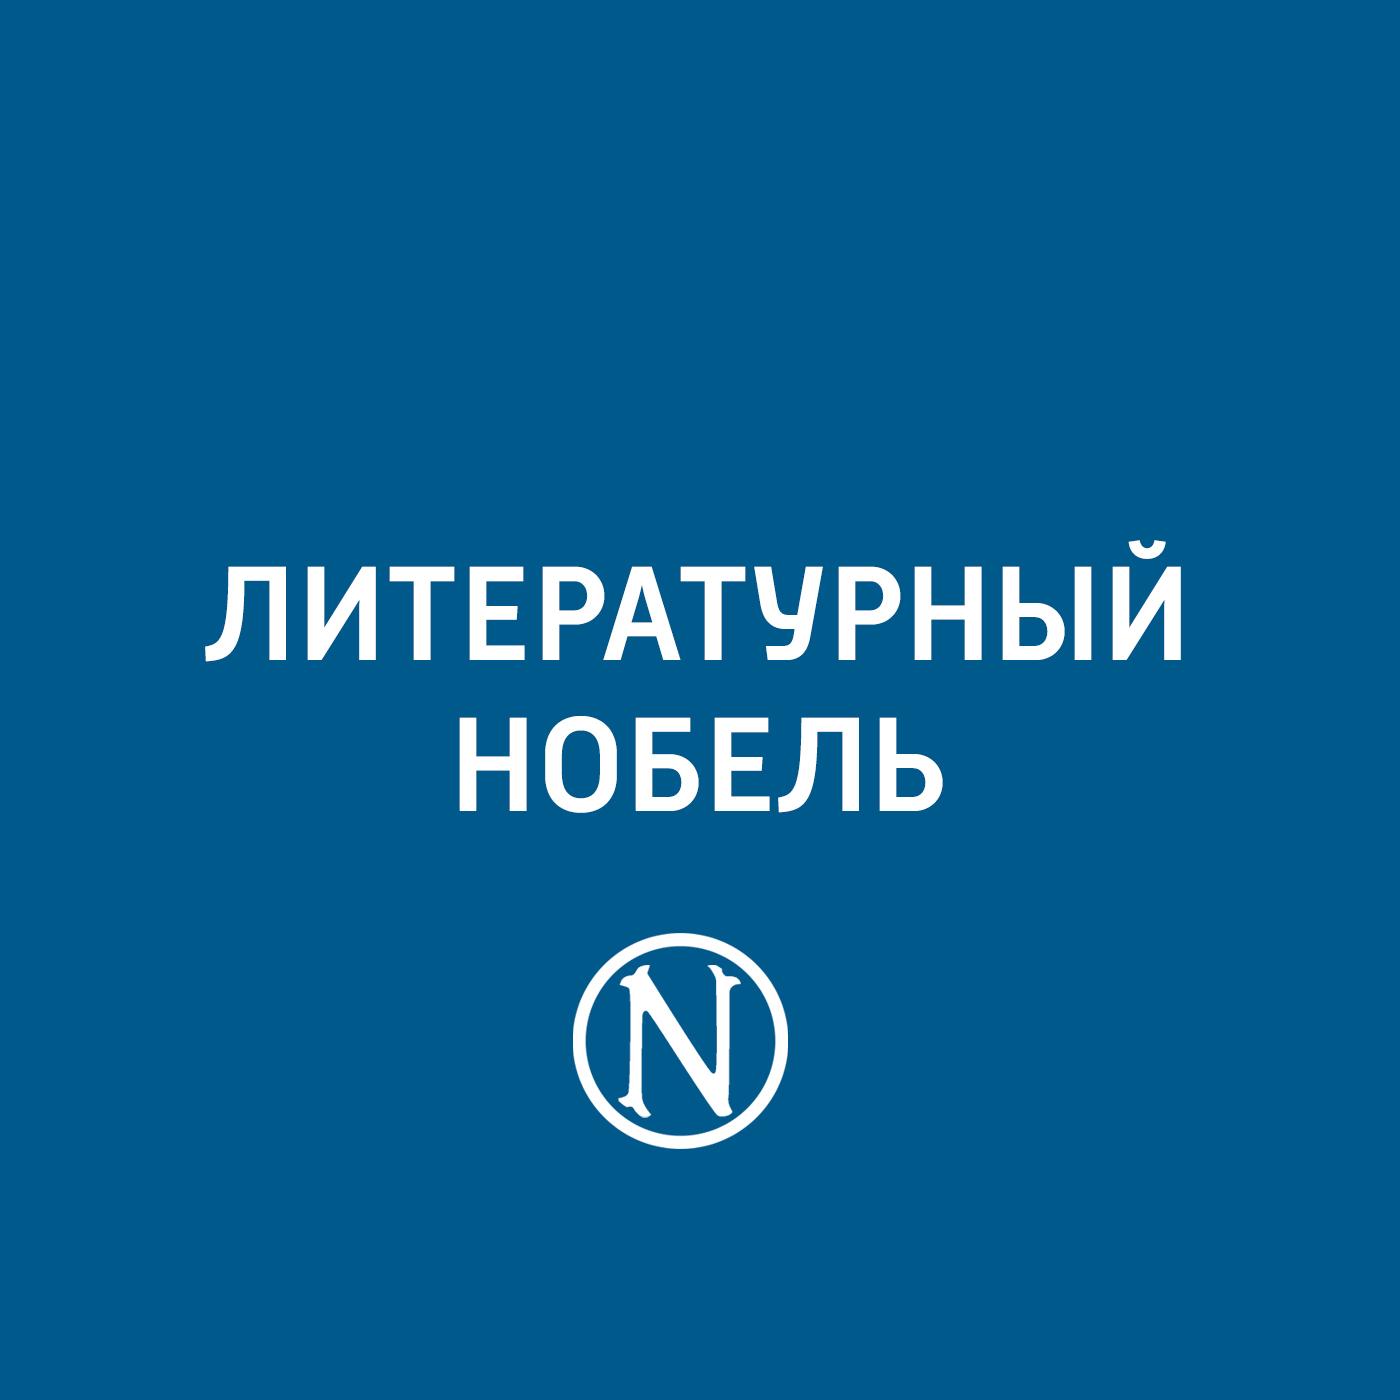 Евгений Стаховский Джон Голсуорси автор не указан все герои произведений зарубежной литературы